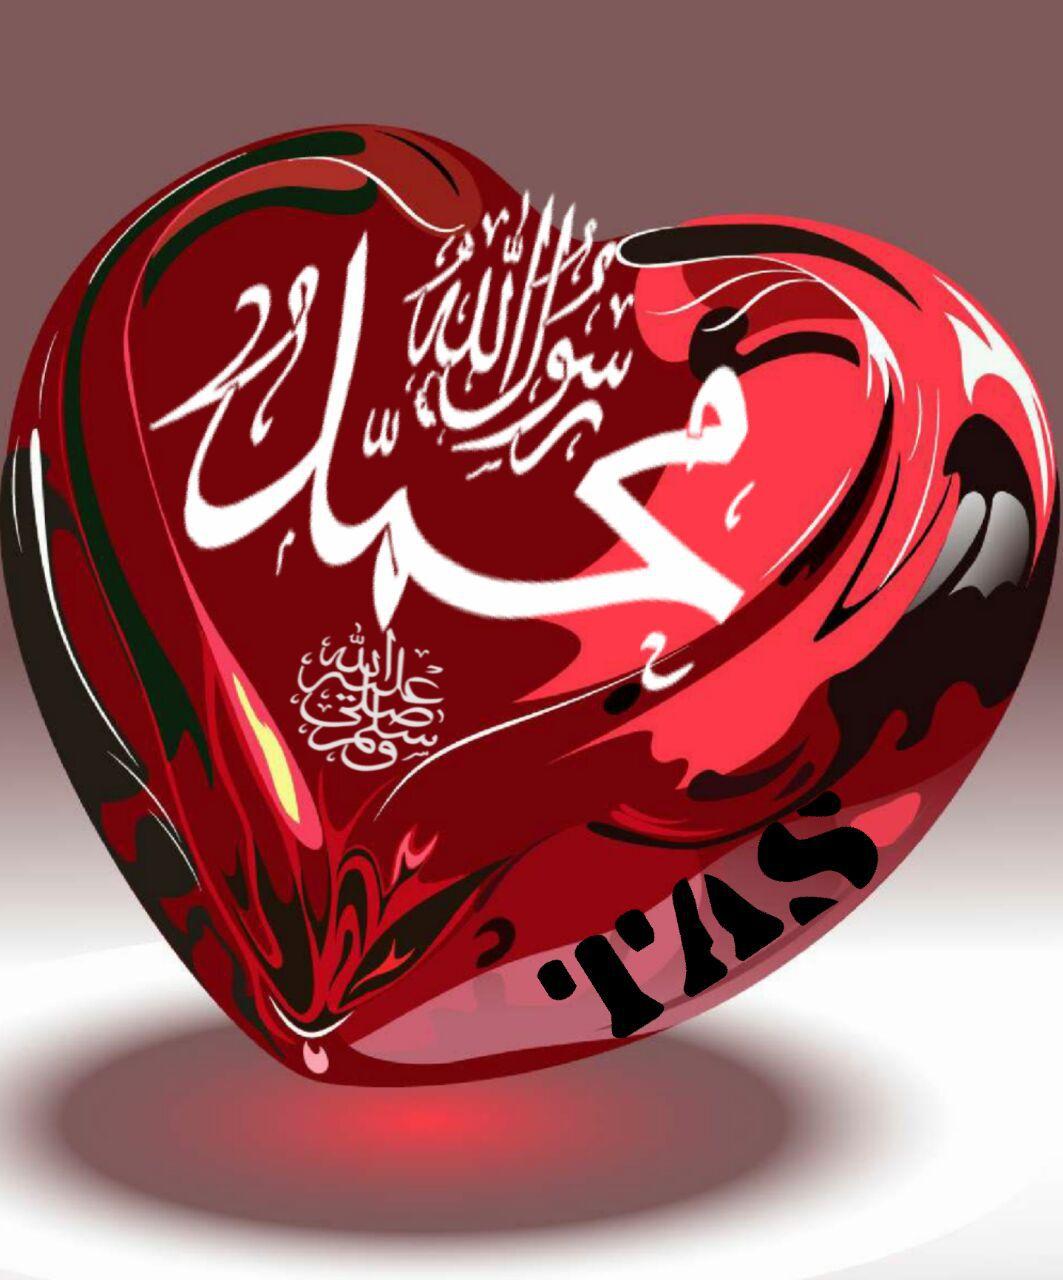 صورة صور اسم محمد , اجمل الاسماء اسم محمد